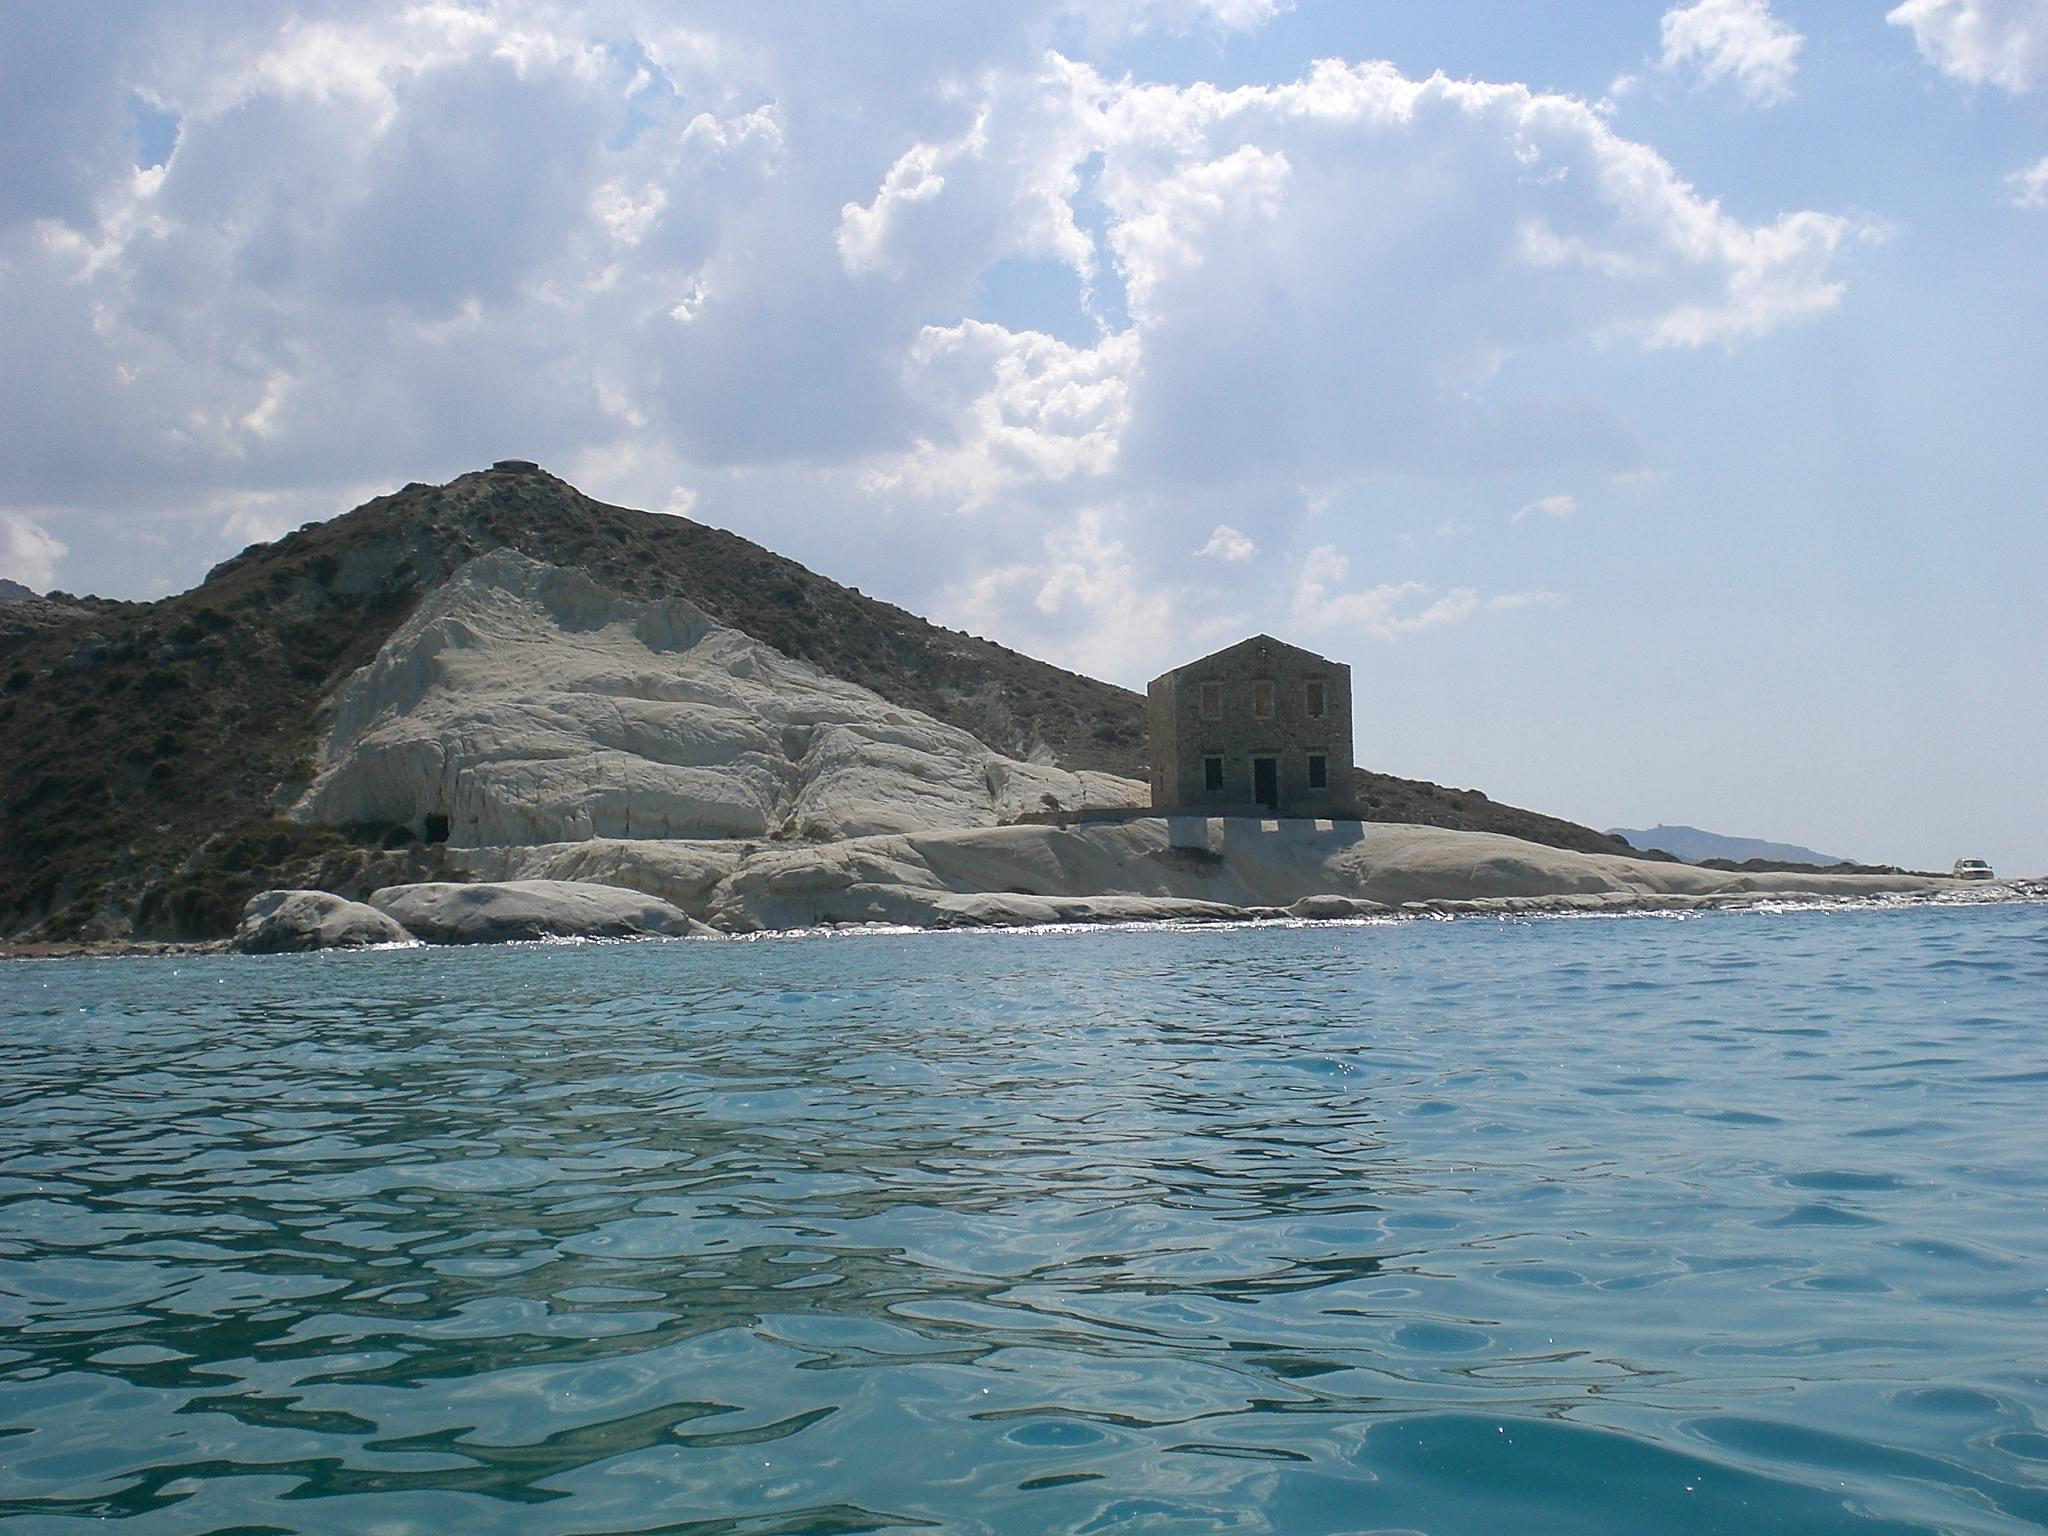 Punta_Bianca_LUPI_DI_MARE